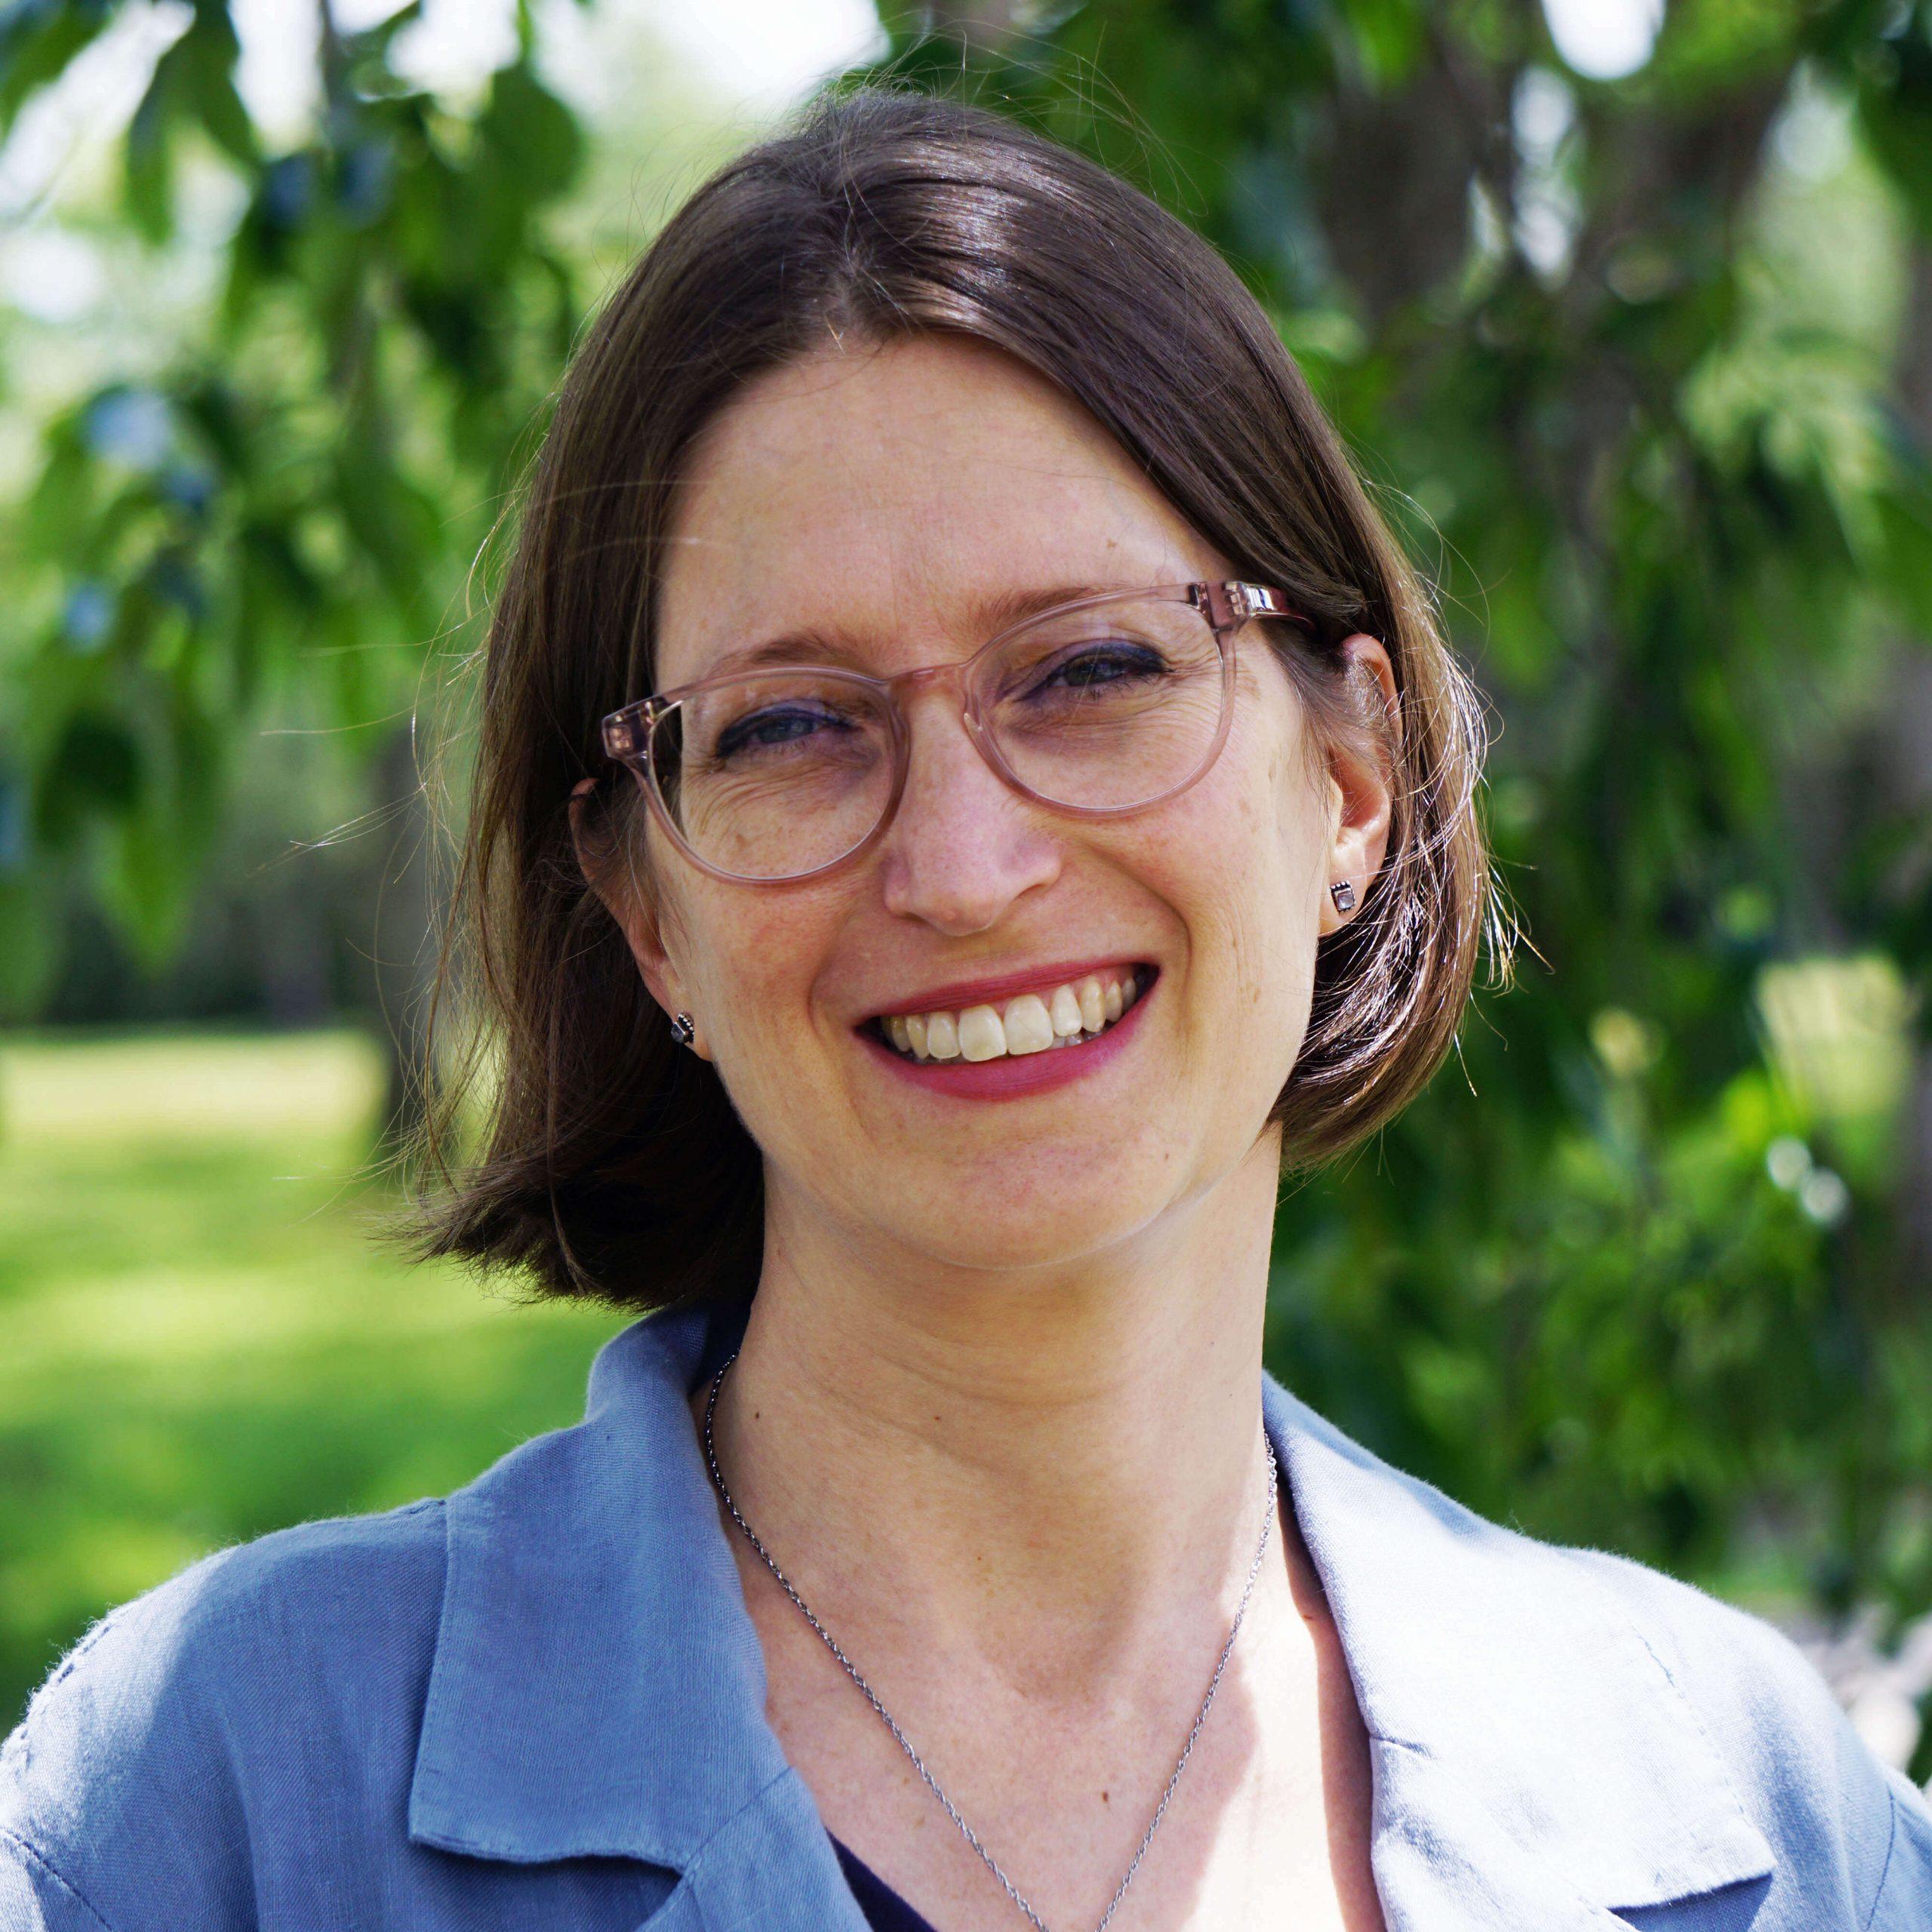 Ericka Moerkerken